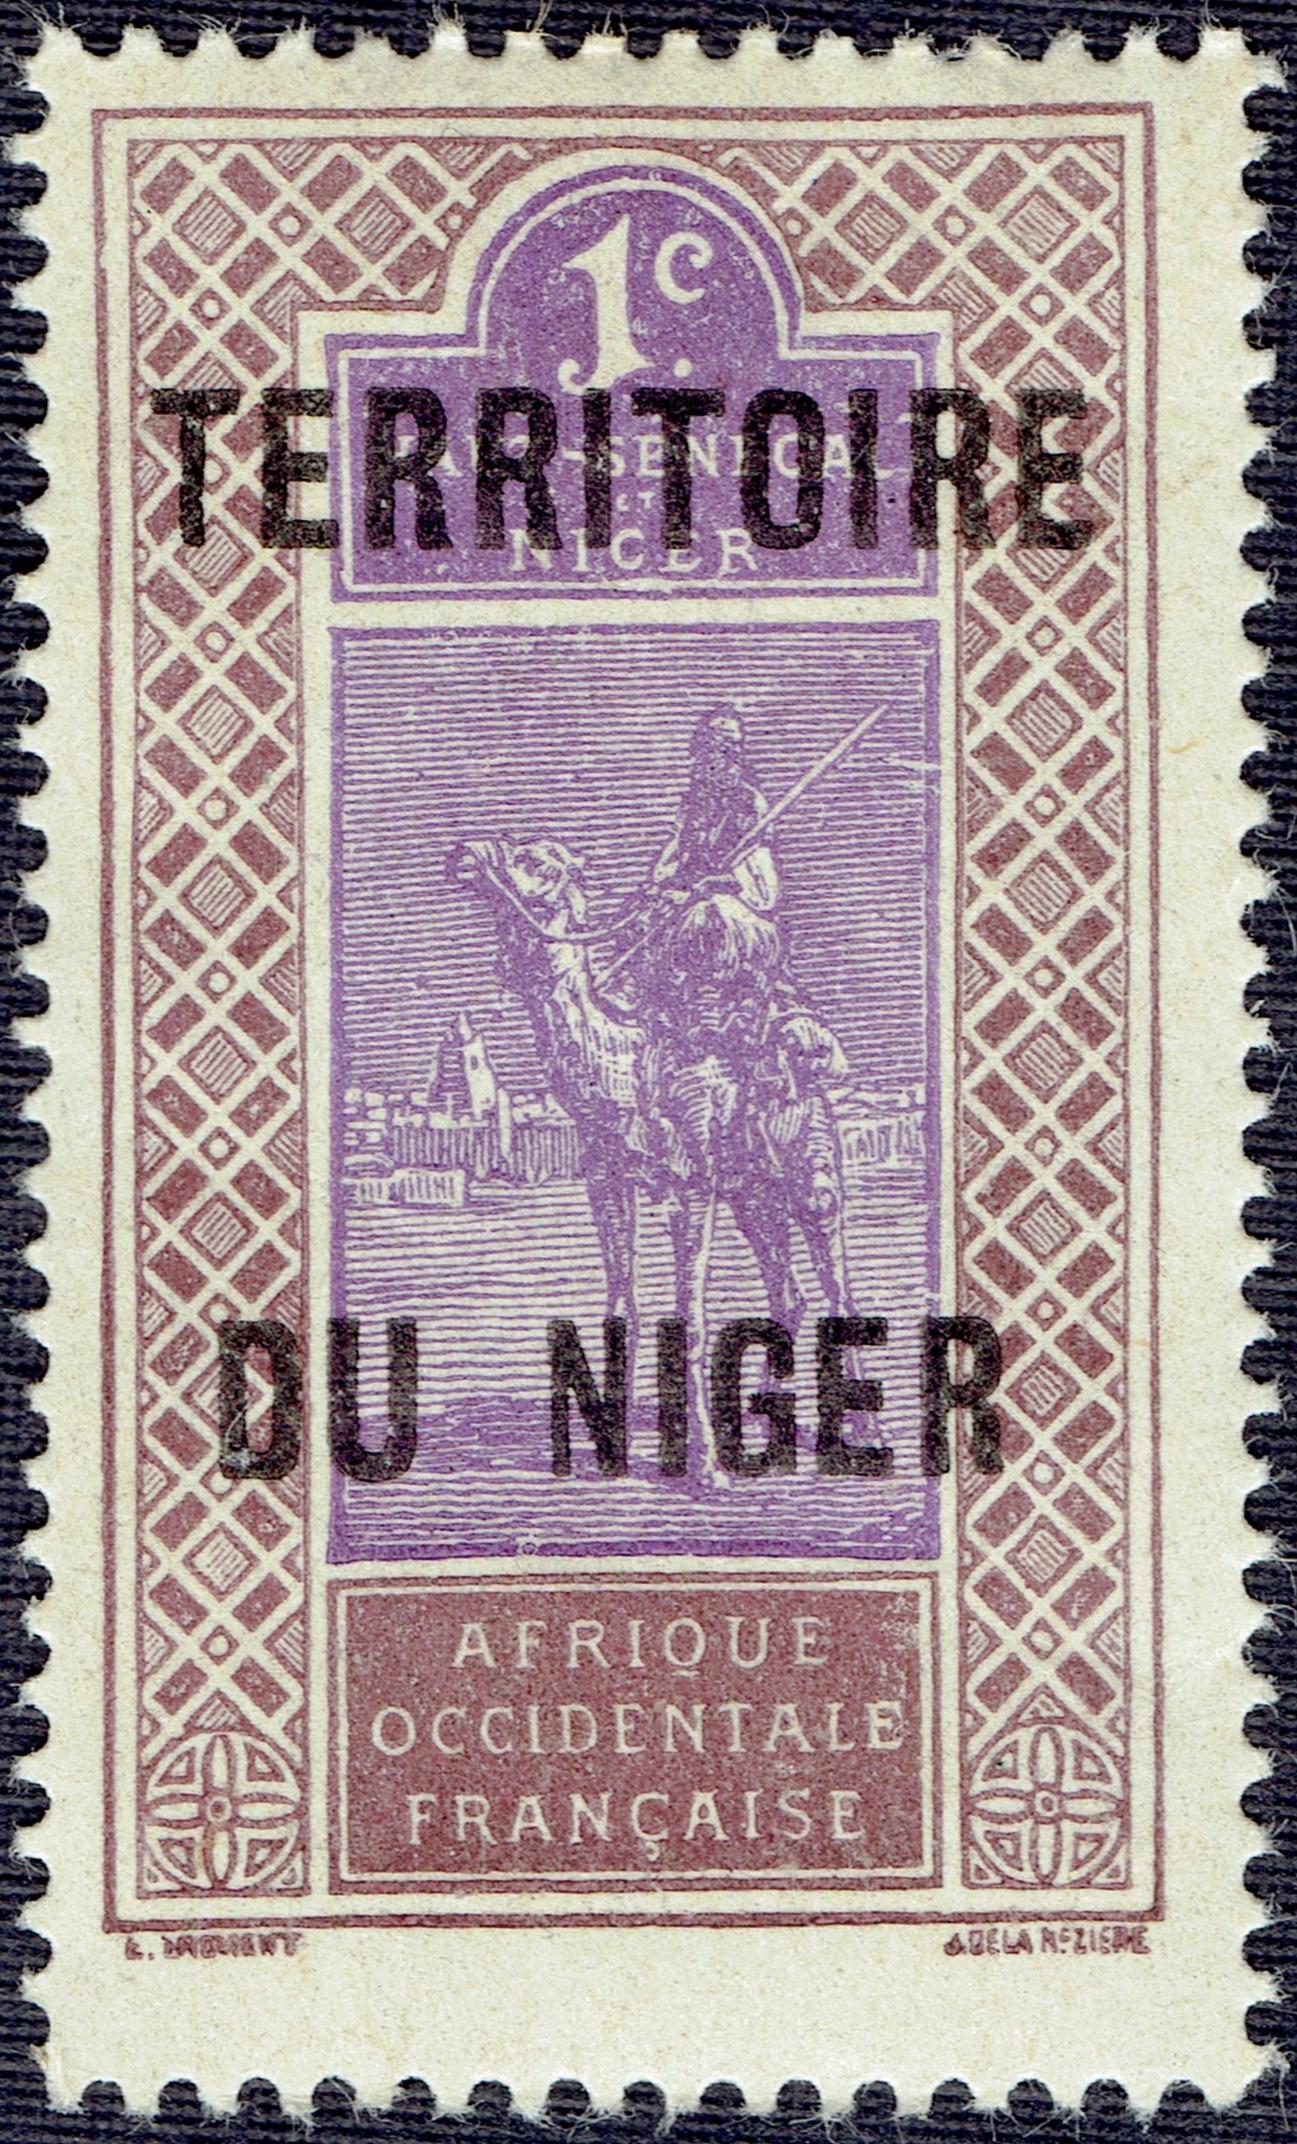 French Niger #1 (1921)